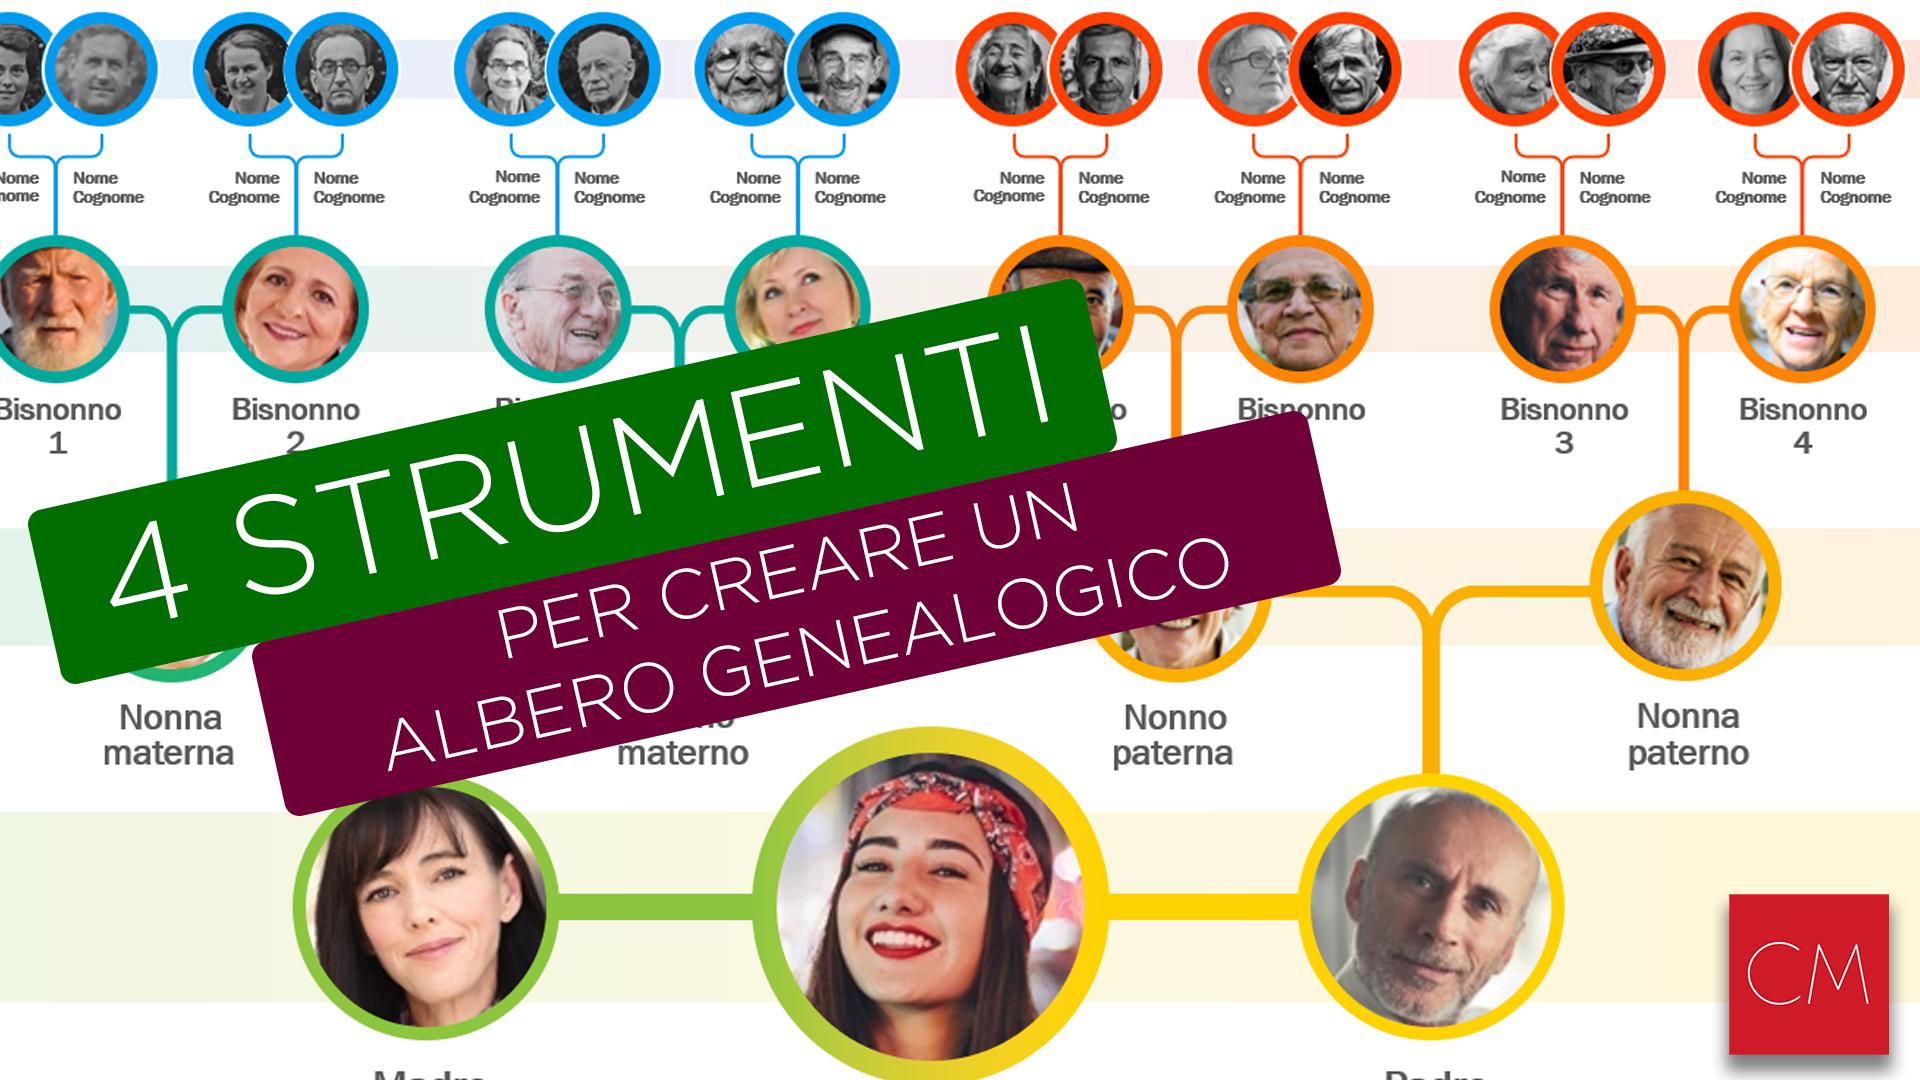 4 Strumenti per creare un albero genealogico